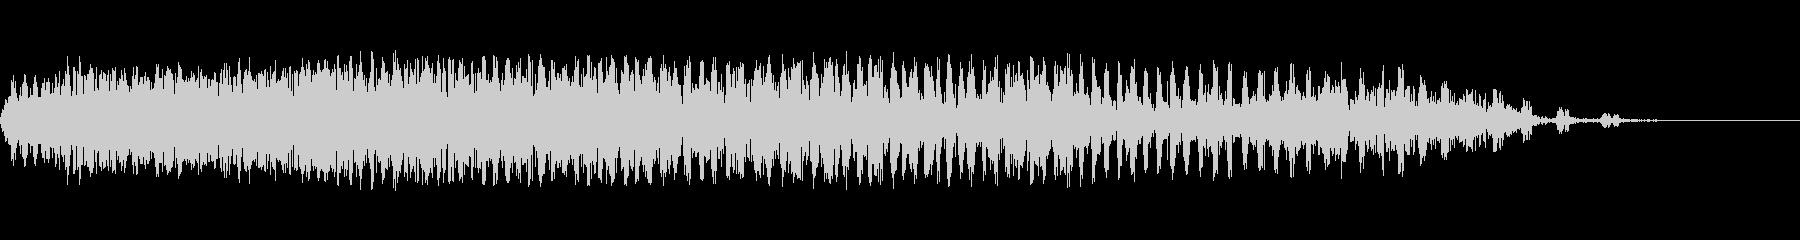 放電スワイプ2の未再生の波形